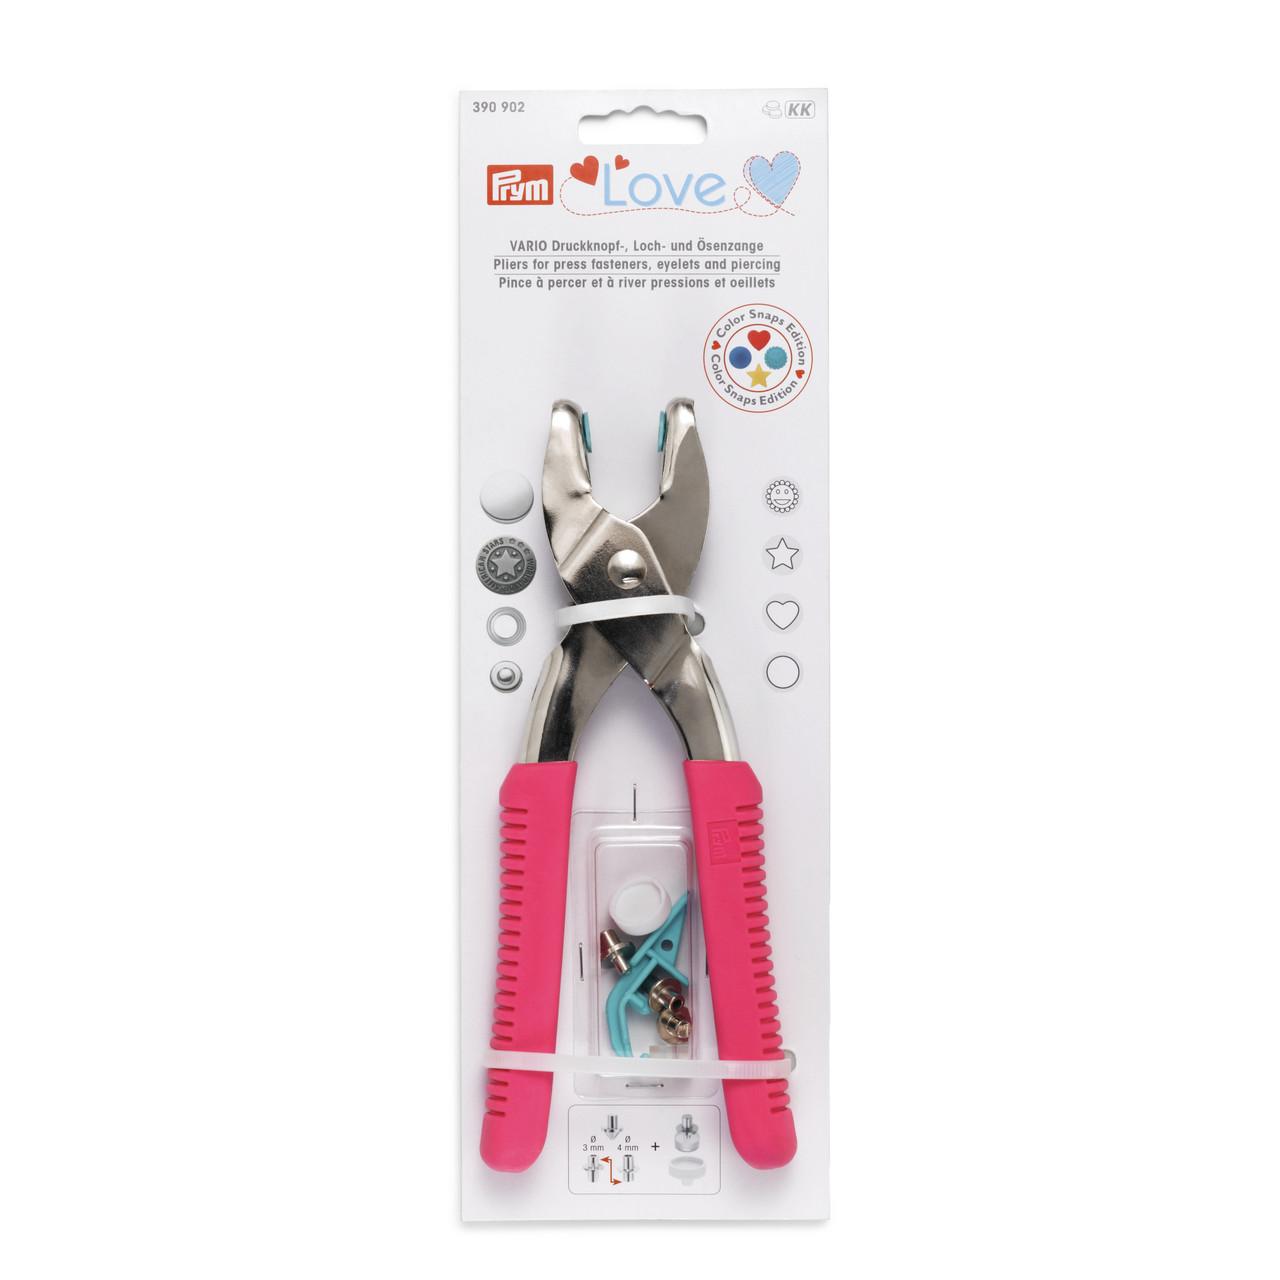 Щипцы Prym Love 390902 Vario с насадками для пробивания отверстий (розовые)